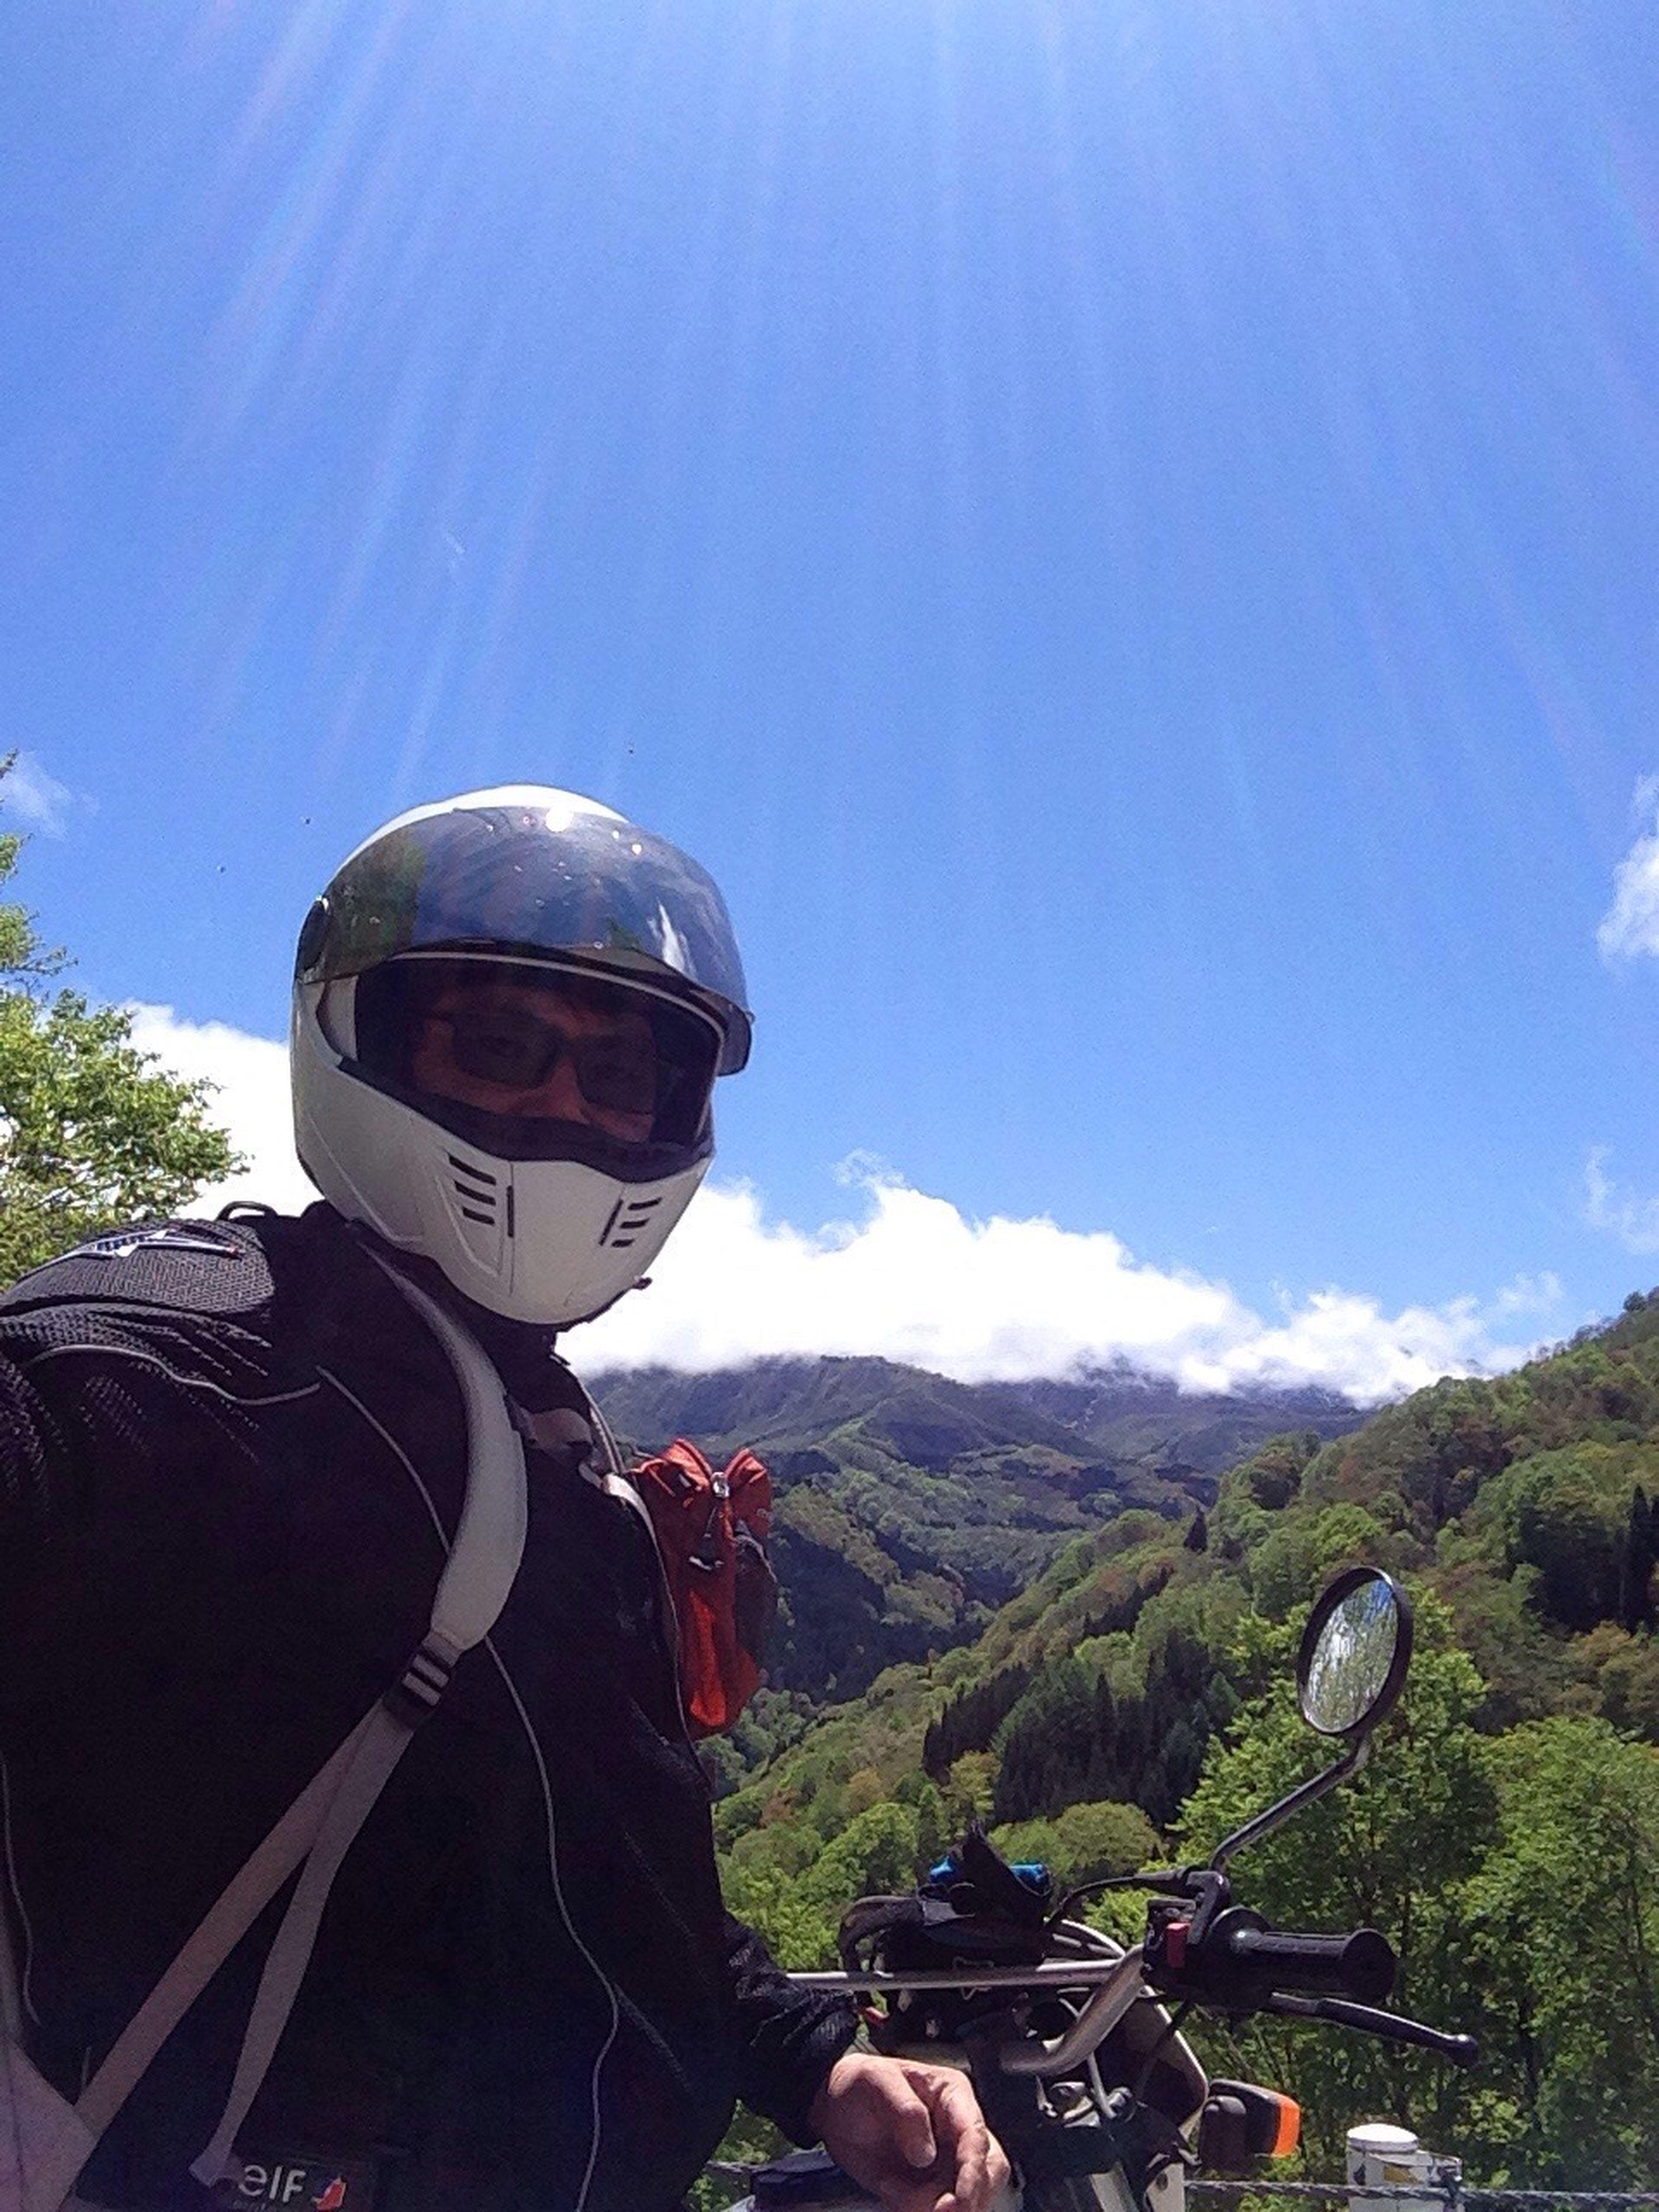 秋山郷 Blues 弾丸ツアー 秋山郷 君と見たい空 お前とは遊ばない Motorcycle ゴールデンウィーク